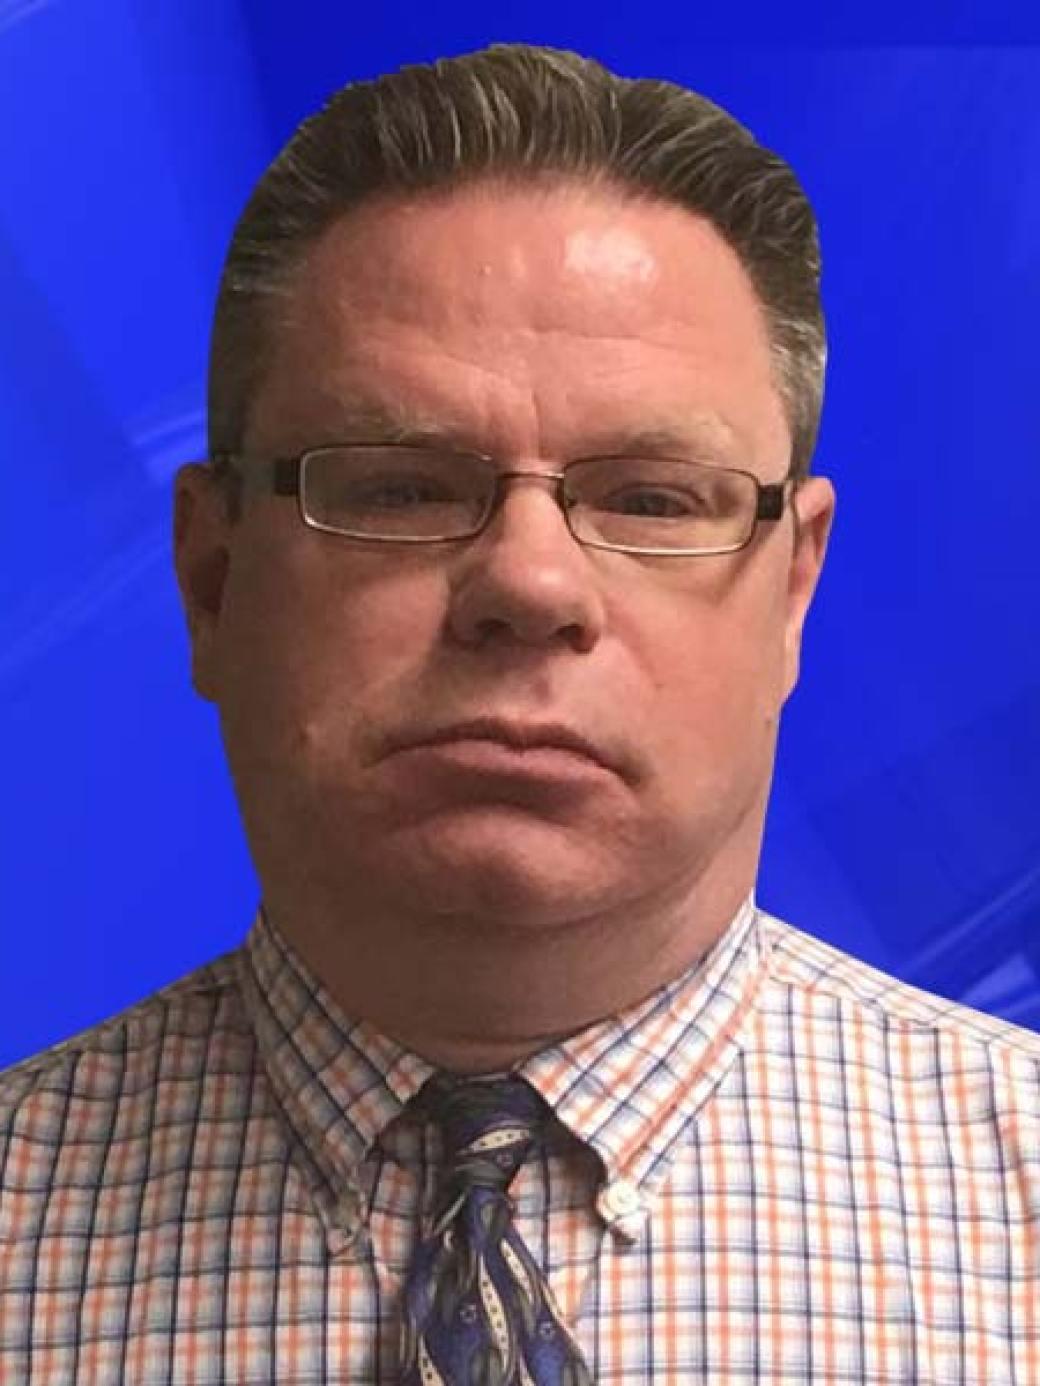 Joe Gorman